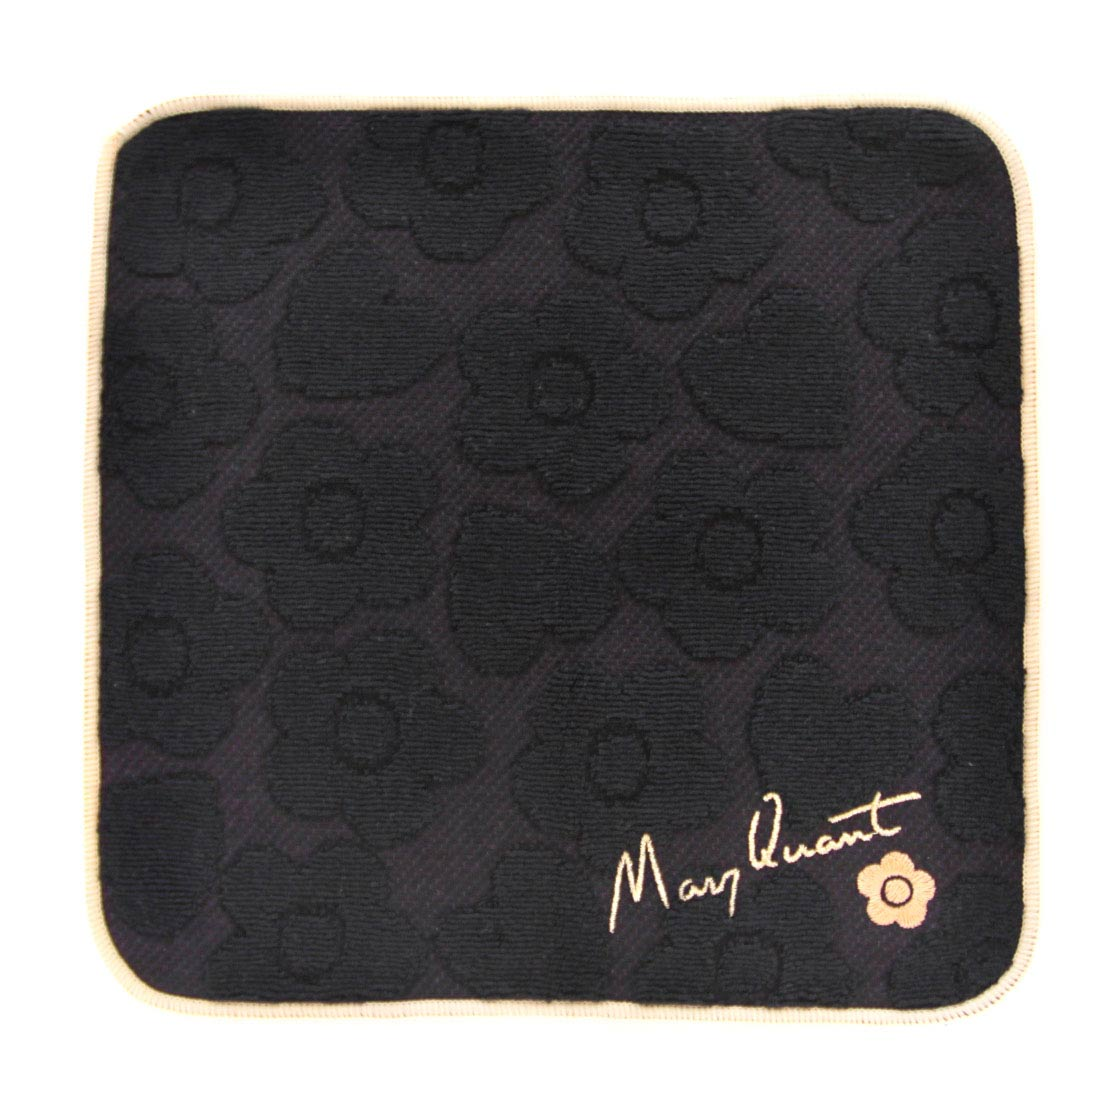 マリークヮント タオルハンカチ 1503 ブラック 【MARY QUANT】 マリークワント マリクワ